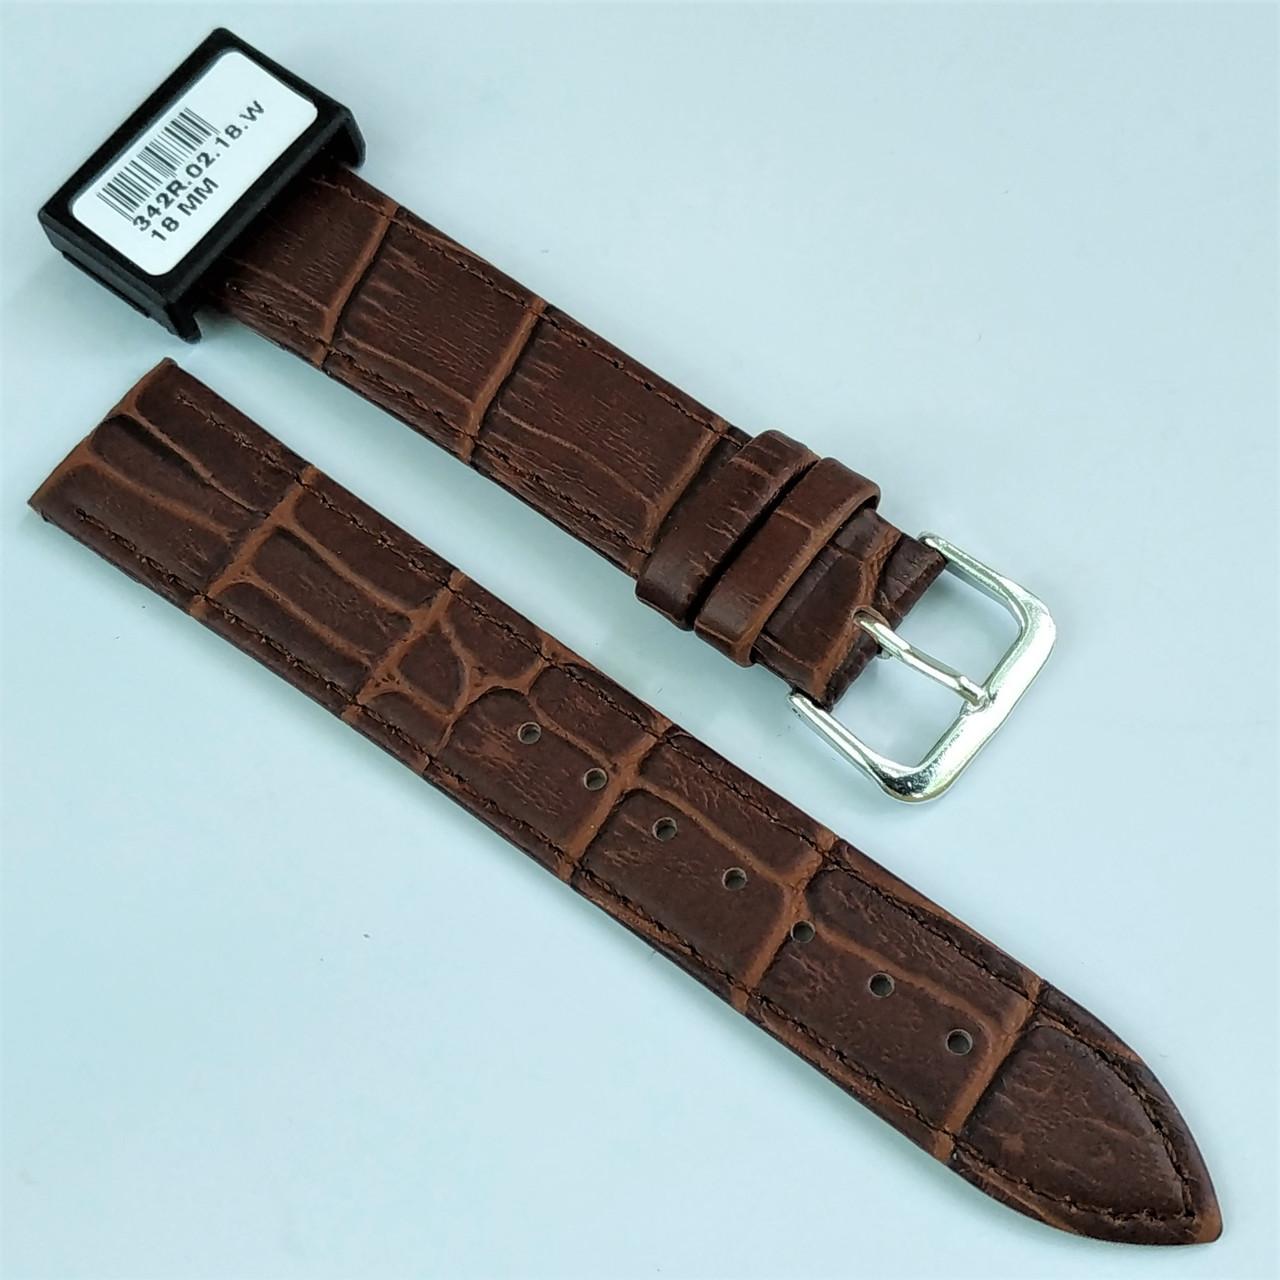 18 мм Кожаный Ремешок для часов CONDOR 342.18.02 Коричневый Ремешок на часы из Натуральной кожи